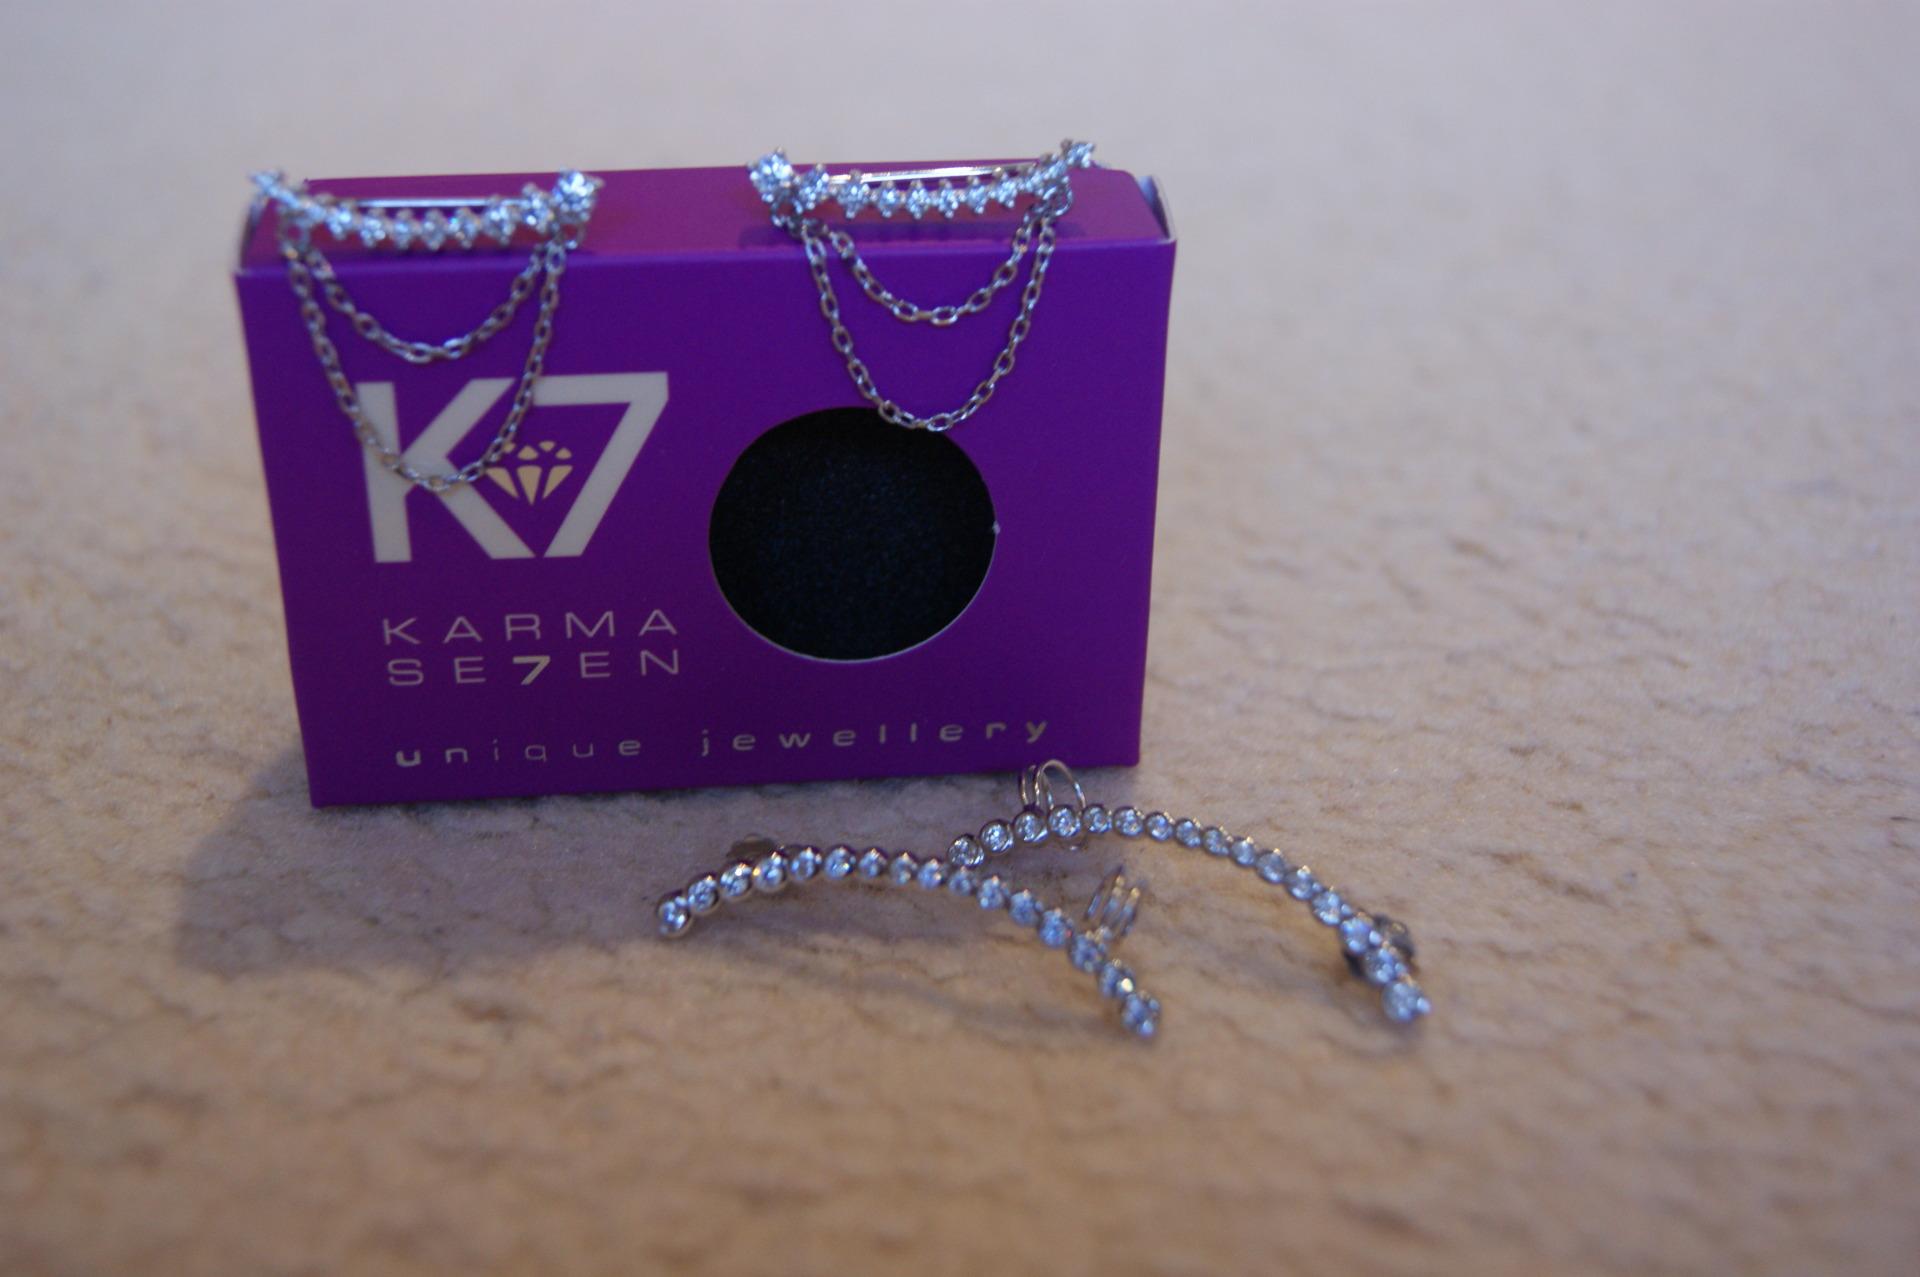 Karma Se7en - Climber Earrings